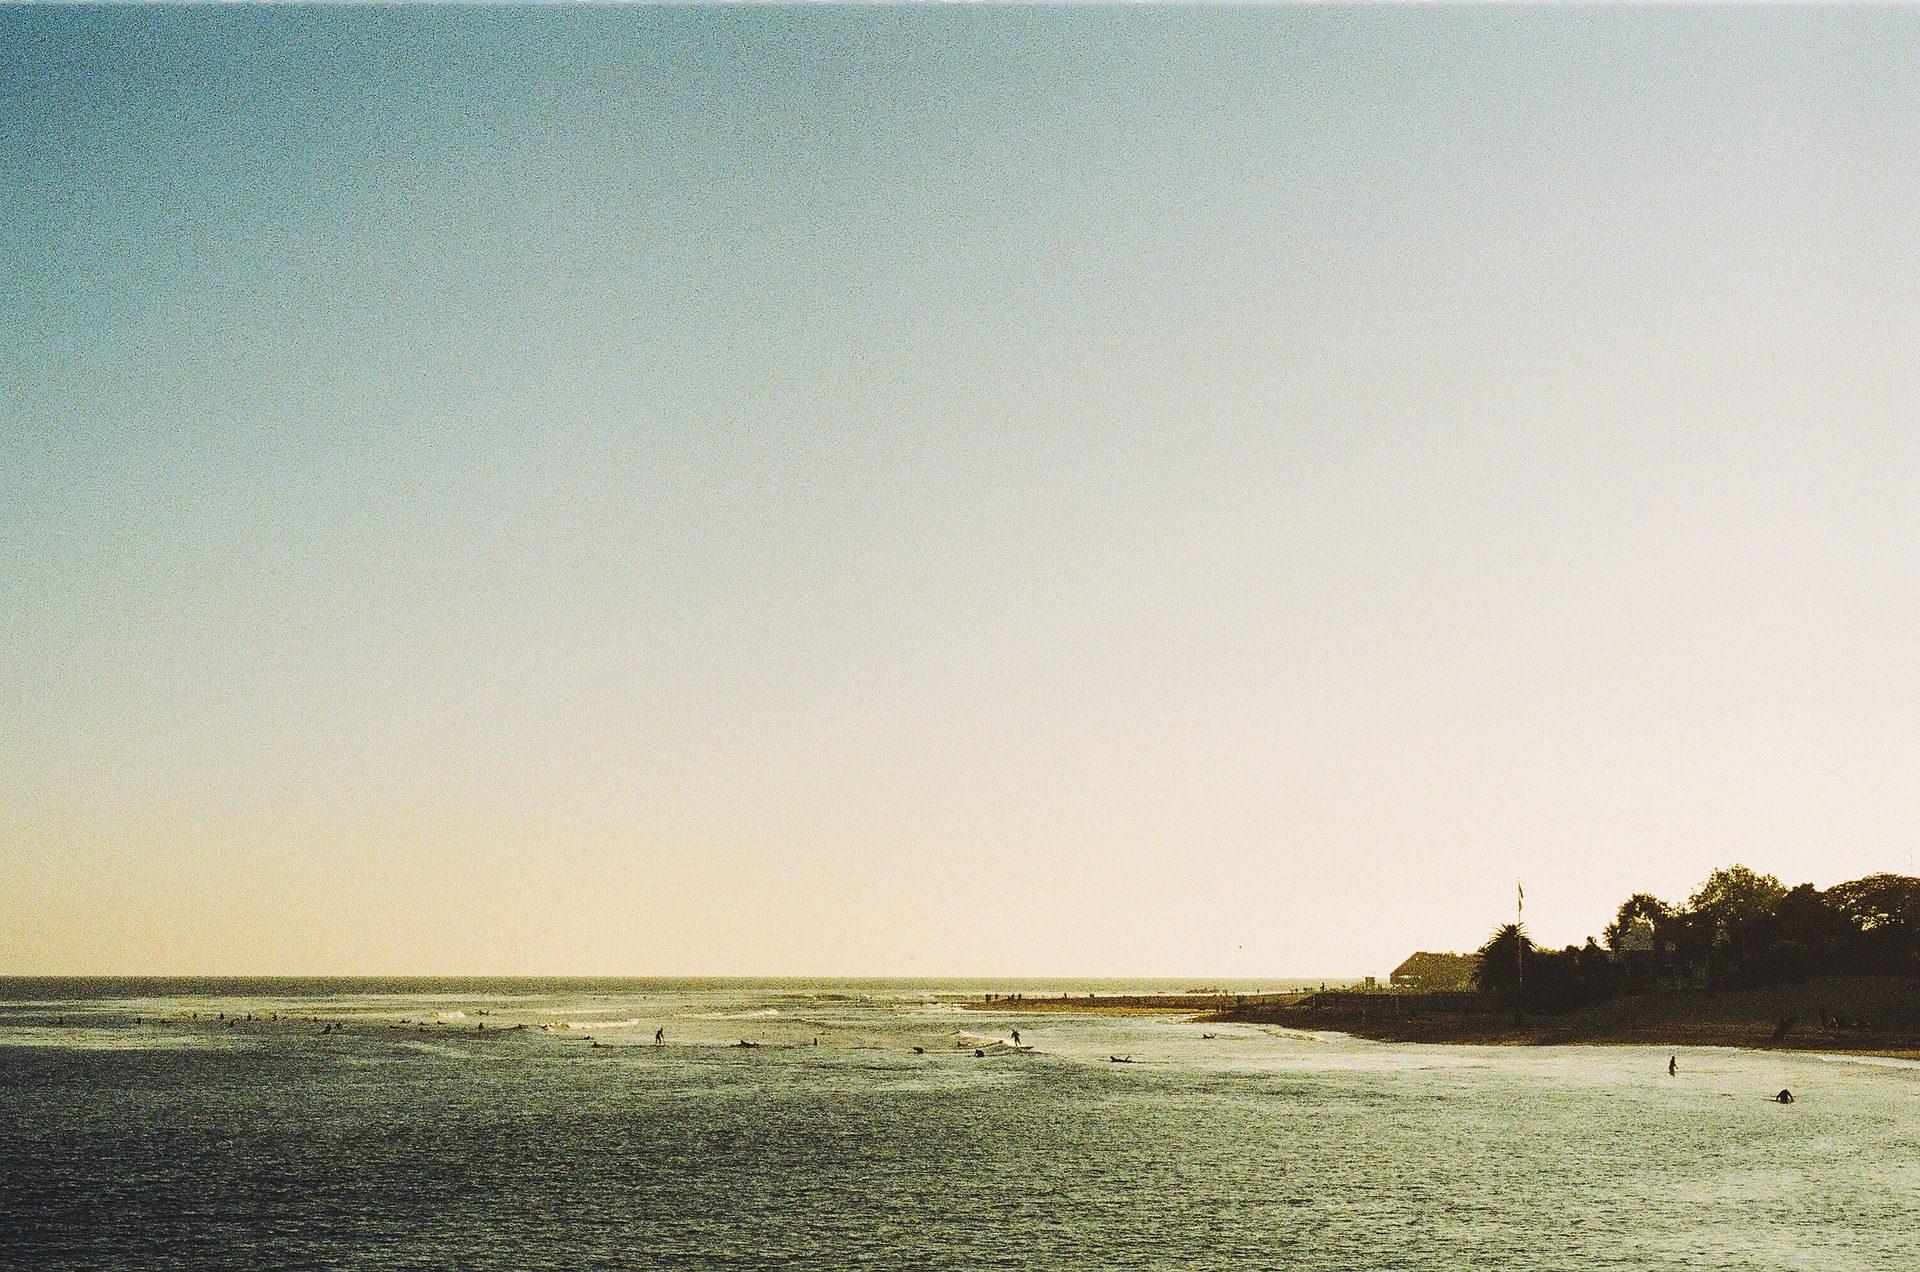 playa, océano, mar, malibú, surf - Fondos de Pantalla HD - professor-falken.com